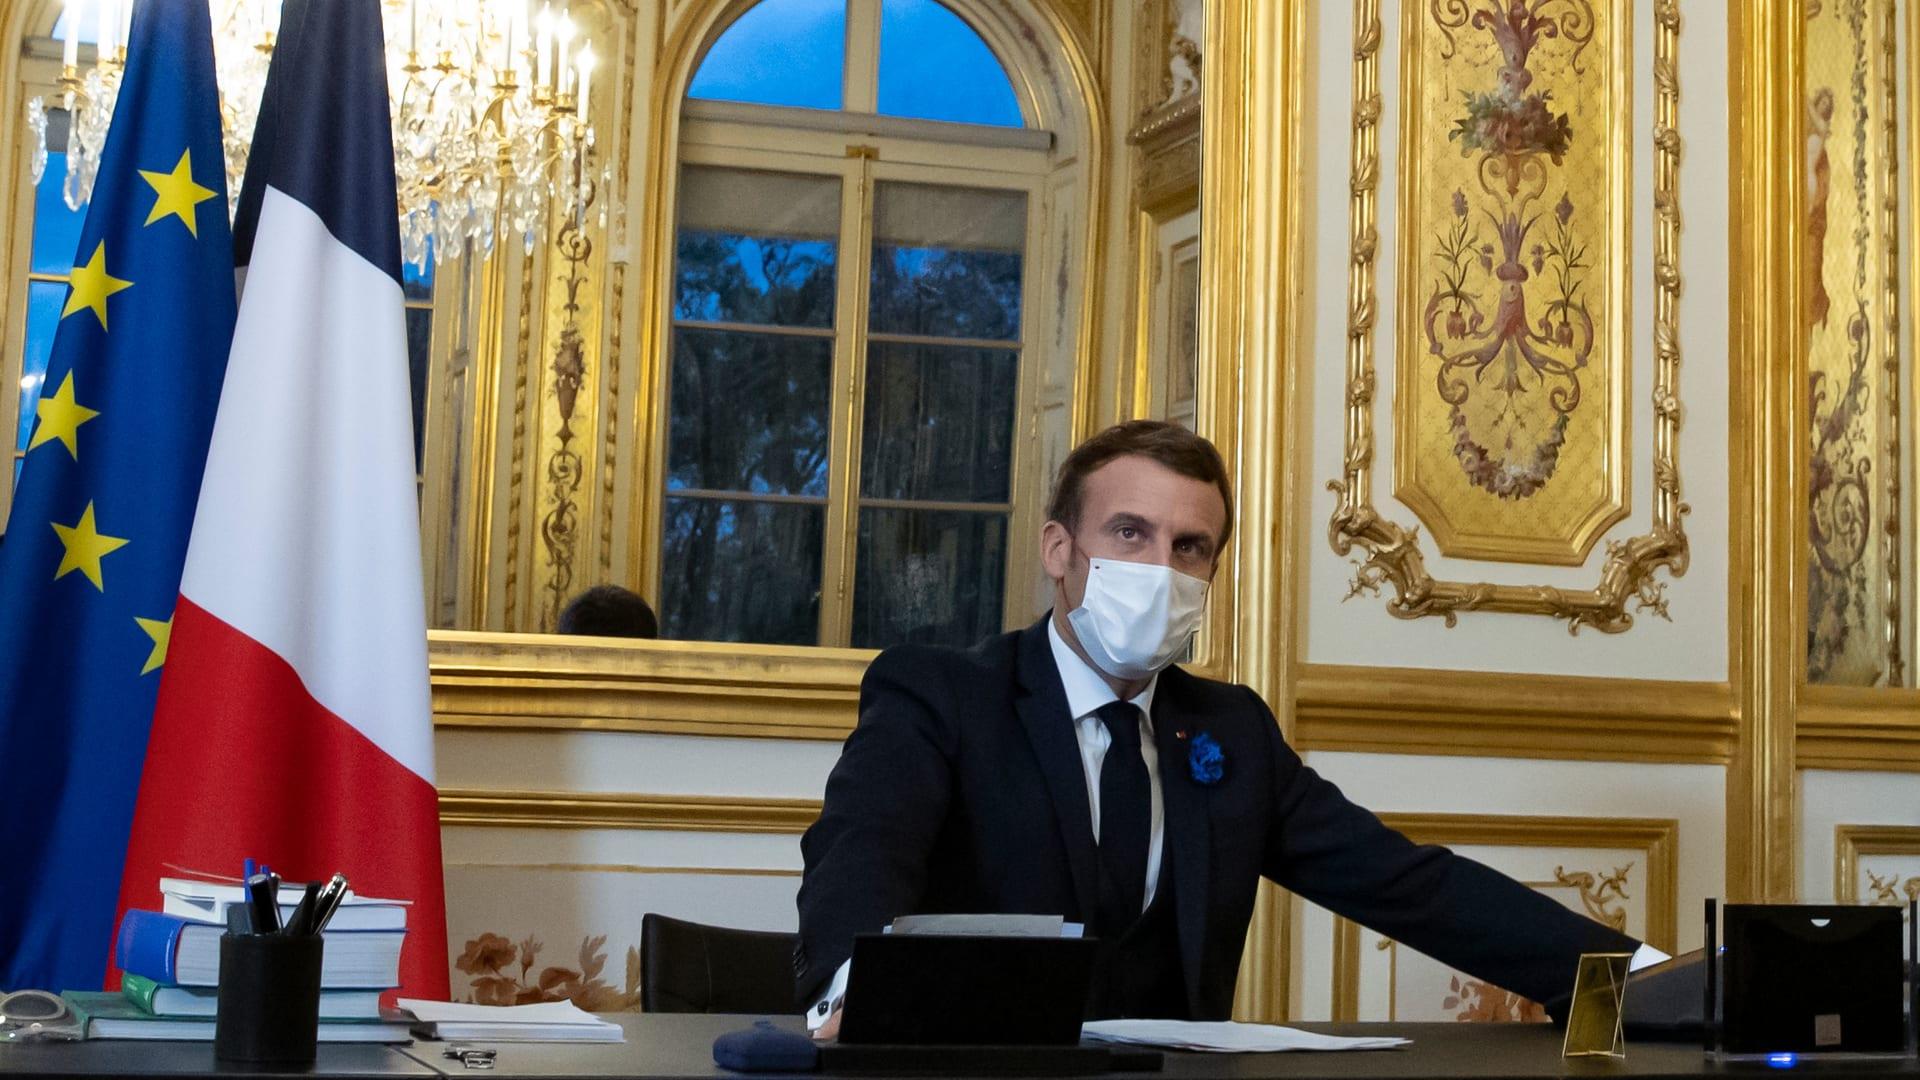 بايدن يؤكد لماكرون التزامه بتعزيز العلاقات مع الناتو وأوروبا.. ويتفقان على العمل معاً